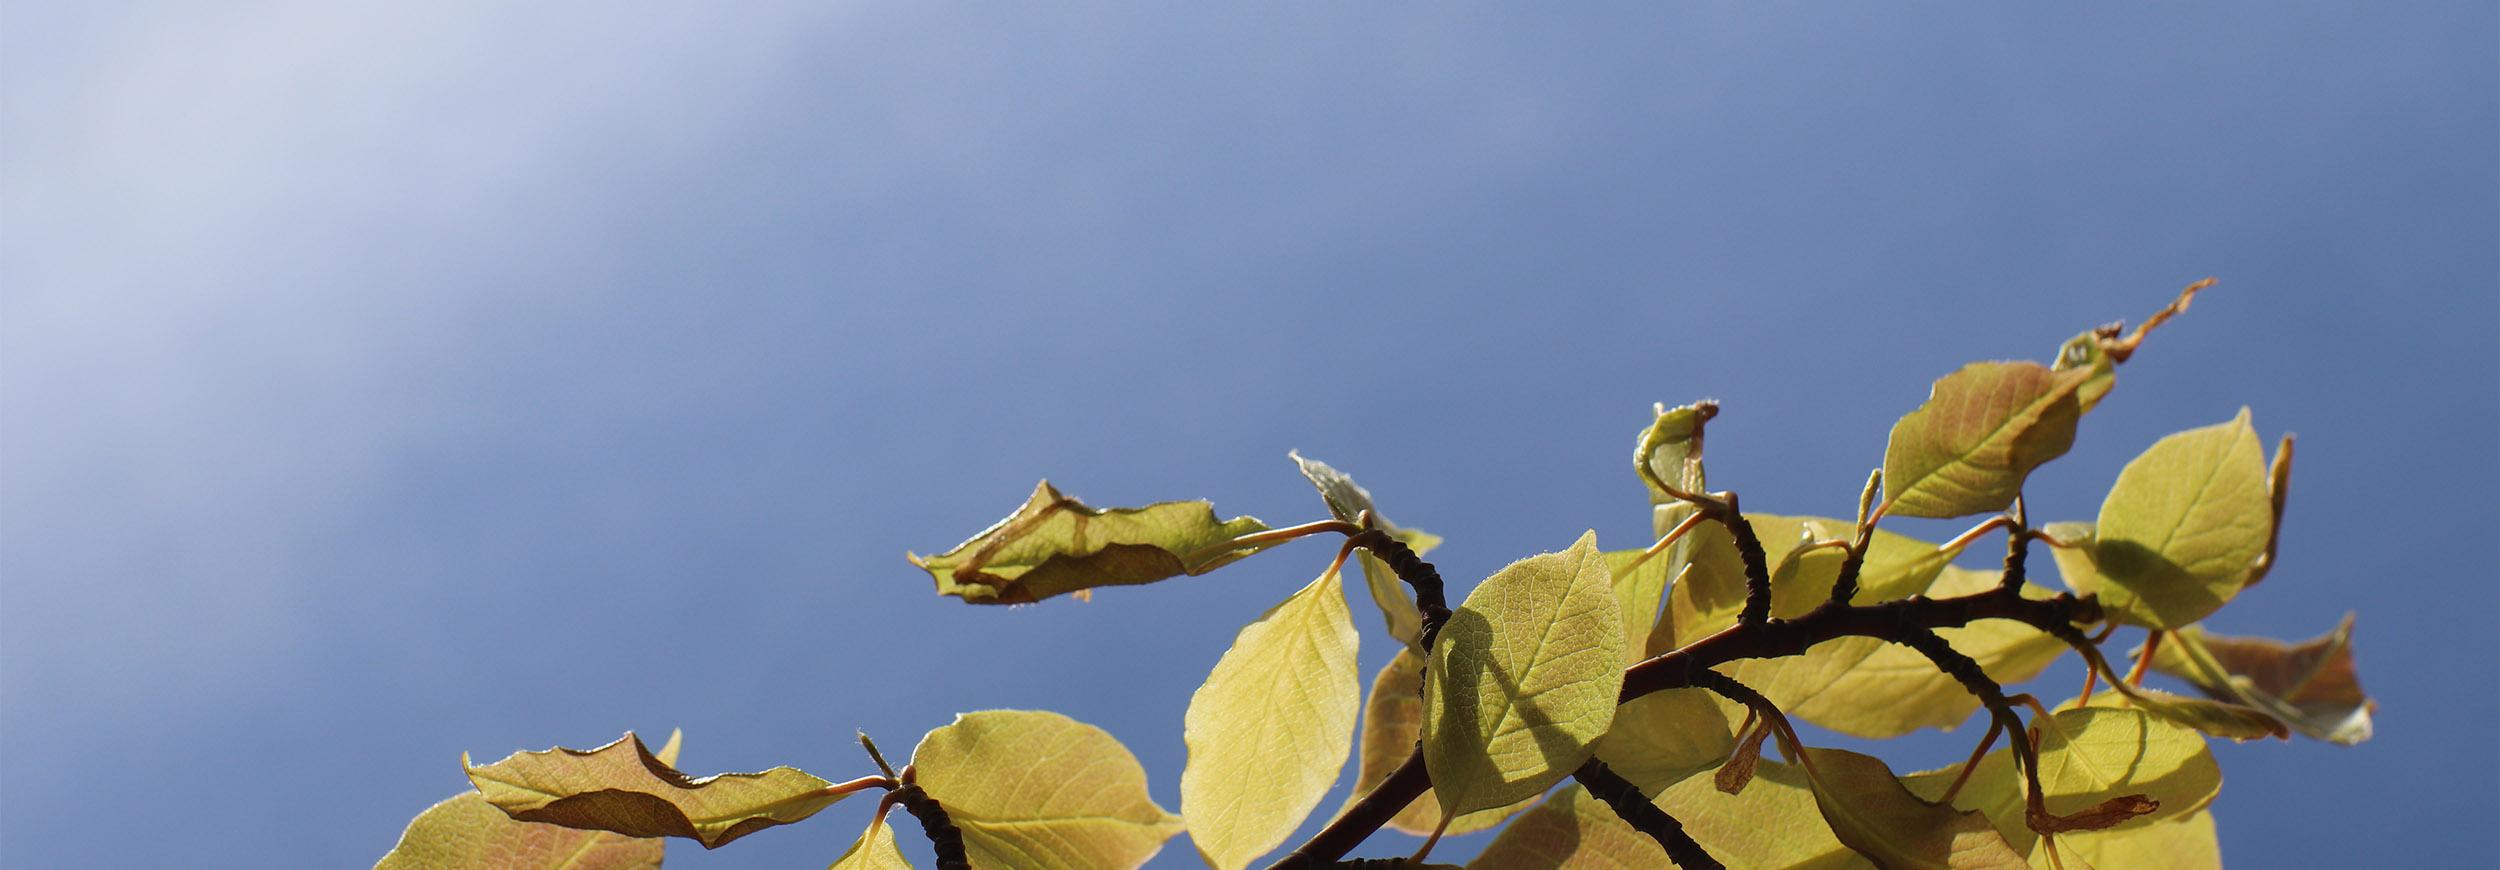 Gröna blad mot blå himmel